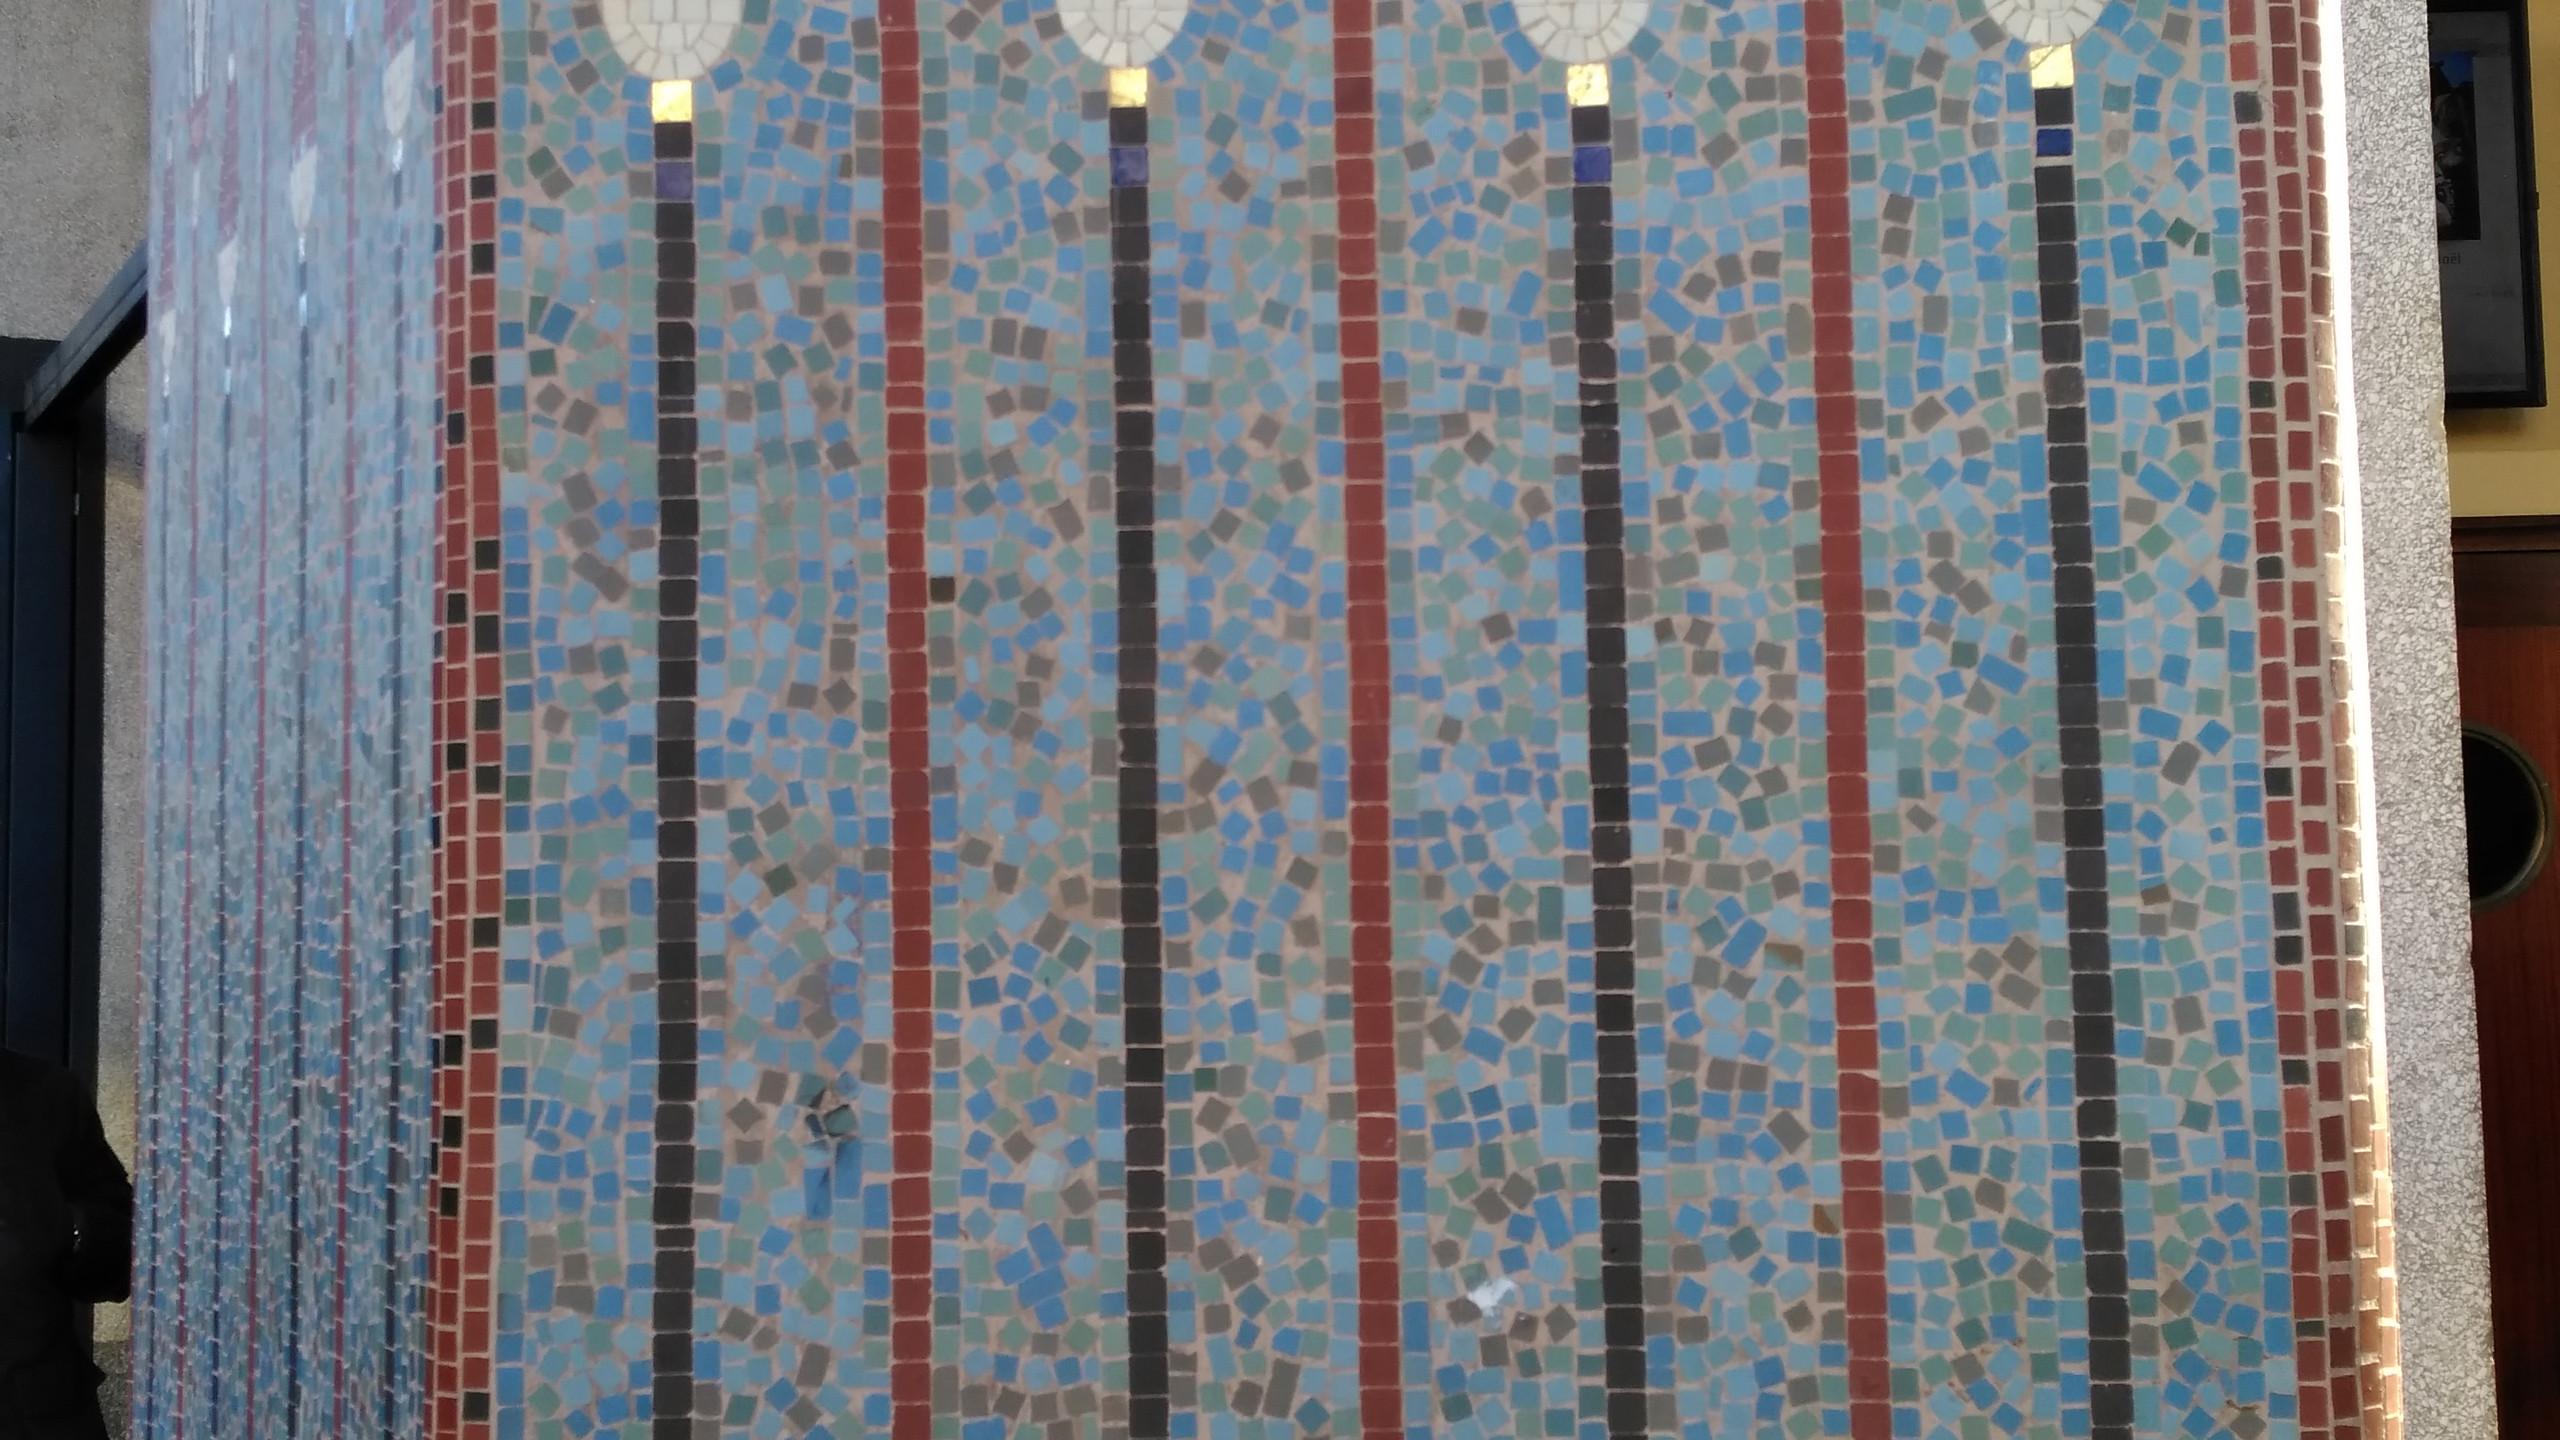 Le Louxor Mosaic Details